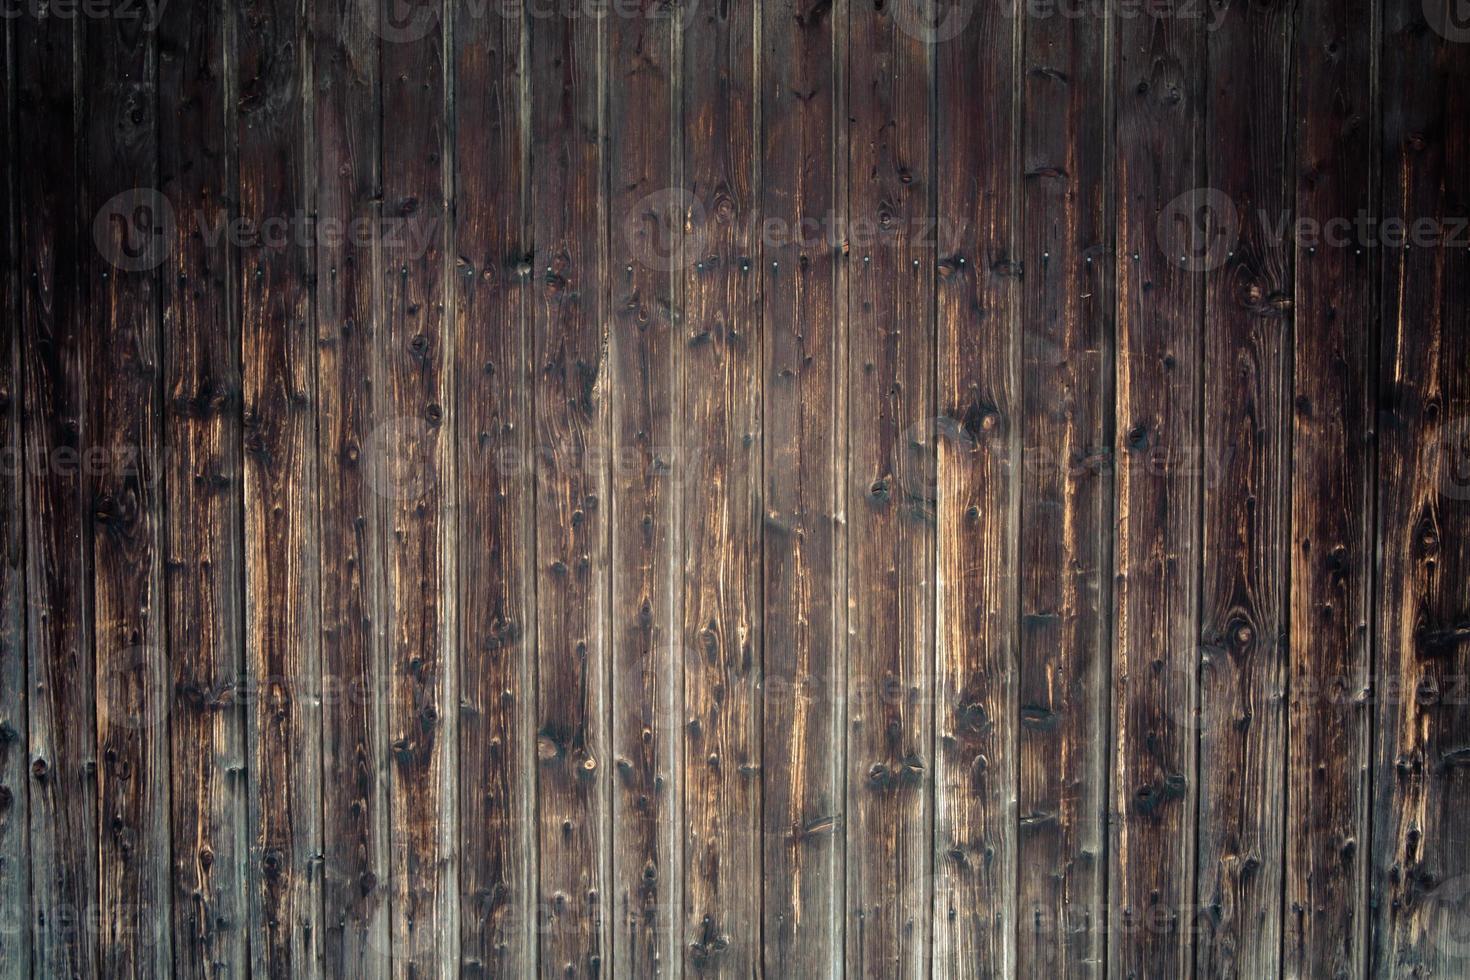 houten bureauplank om als achtergrond of textuur te gebruiken foto